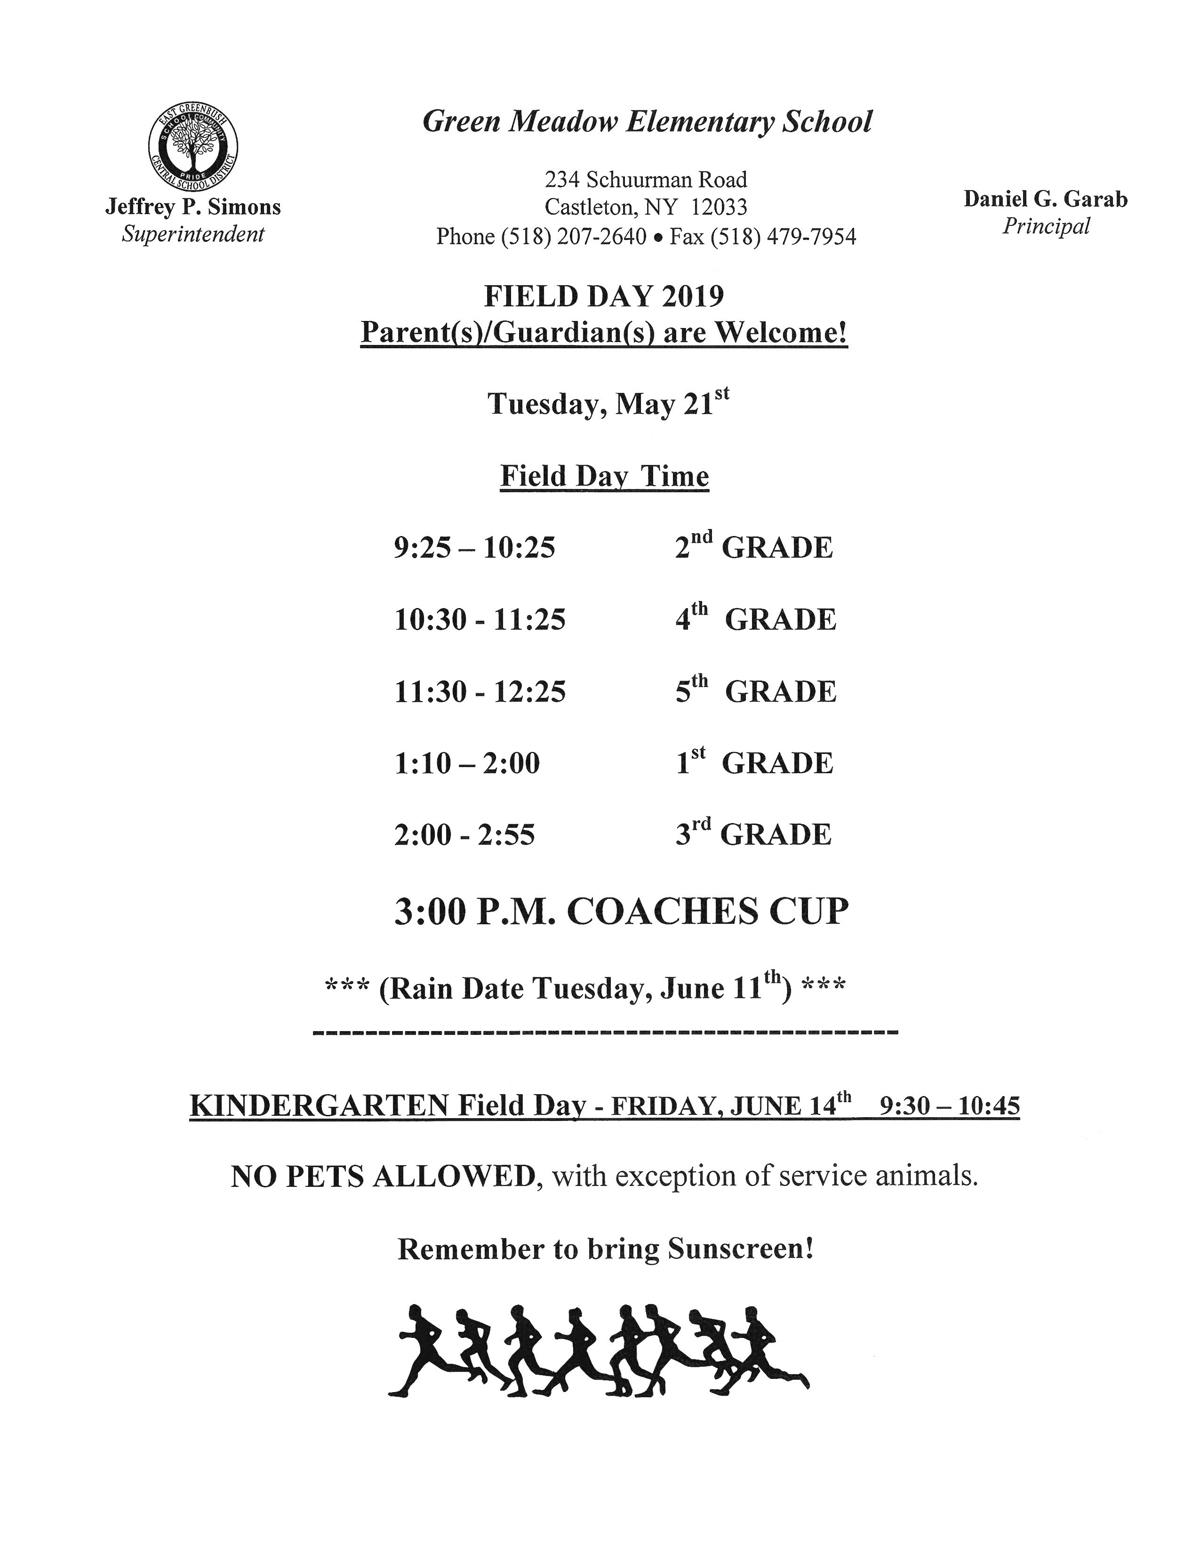 Field Day 2019 Schedule